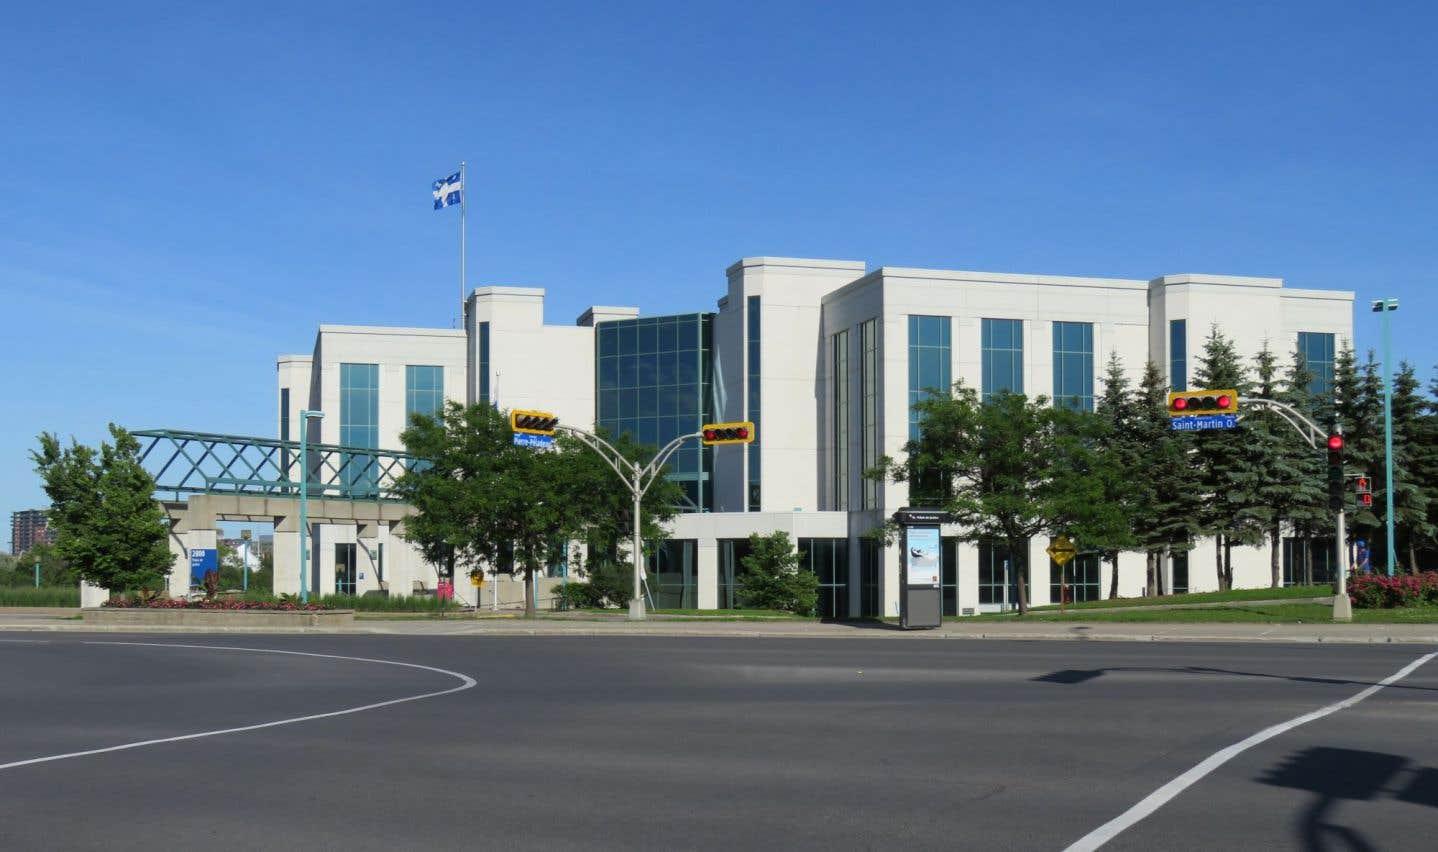 Collusion et corruption à la Ville de Laval: 13 accusés plaident coupables